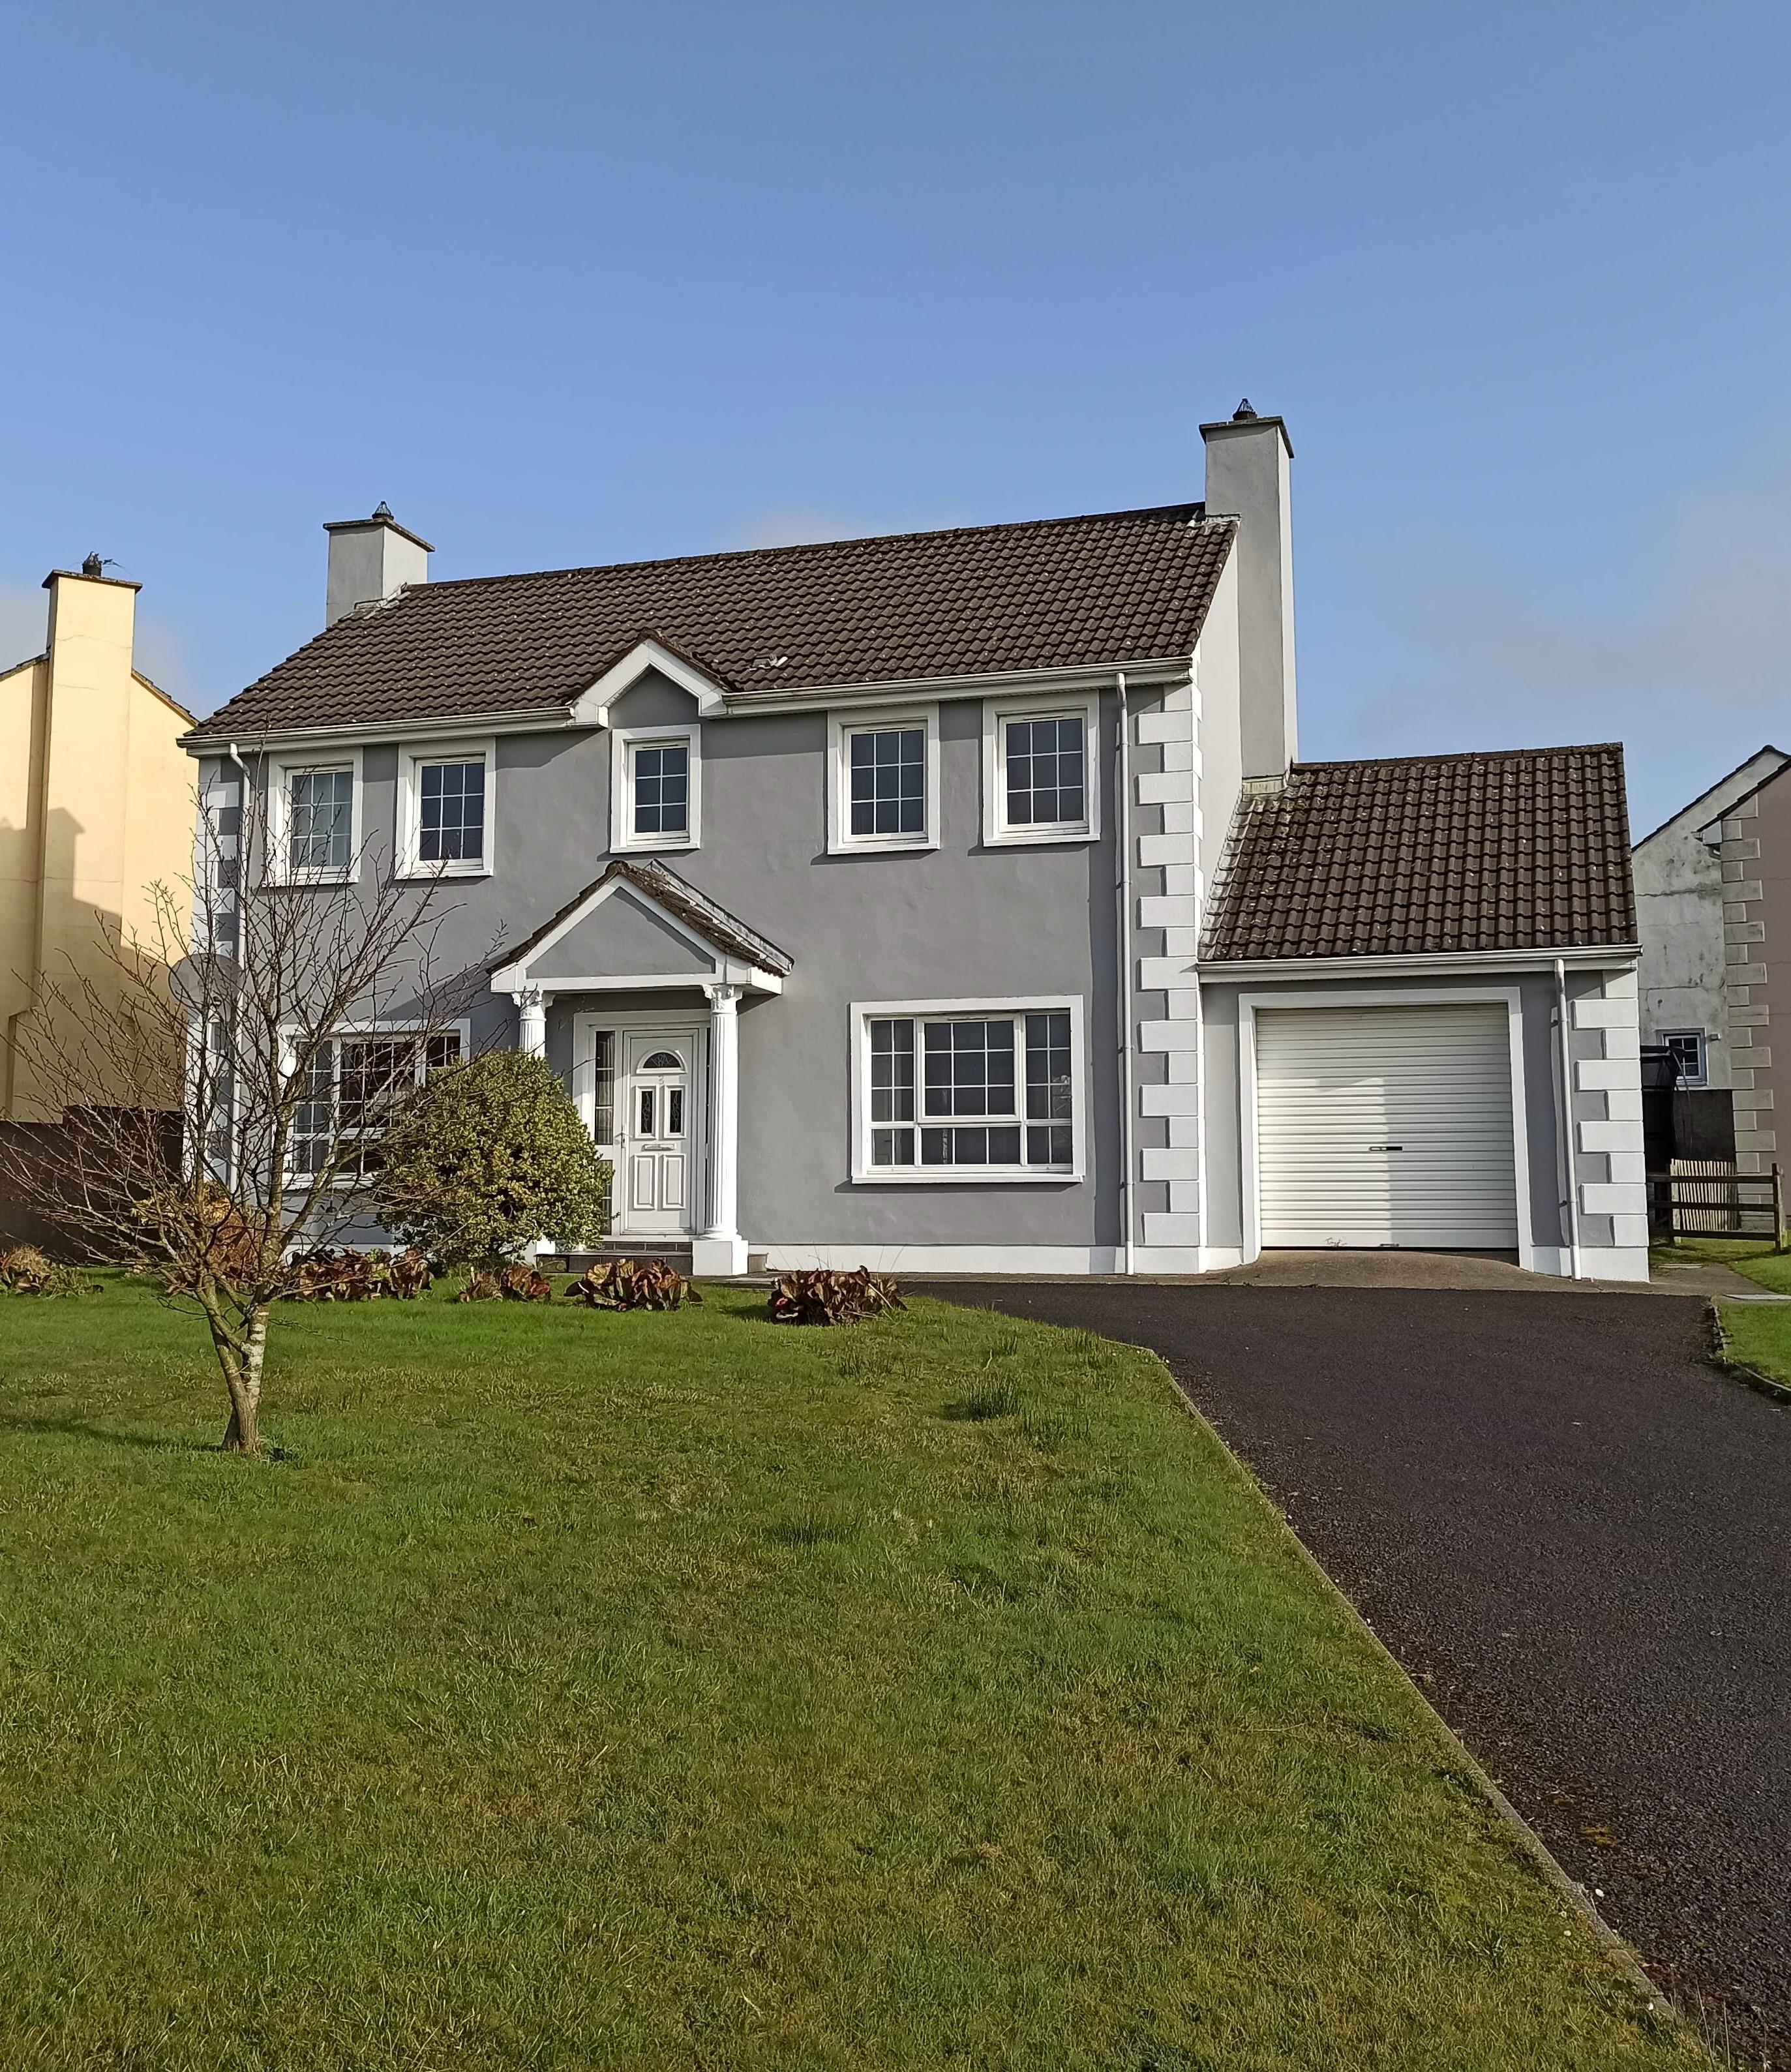 3 Solomon's Court, Glencar, Letterkenny, Co. Donegal, F92 N1W1